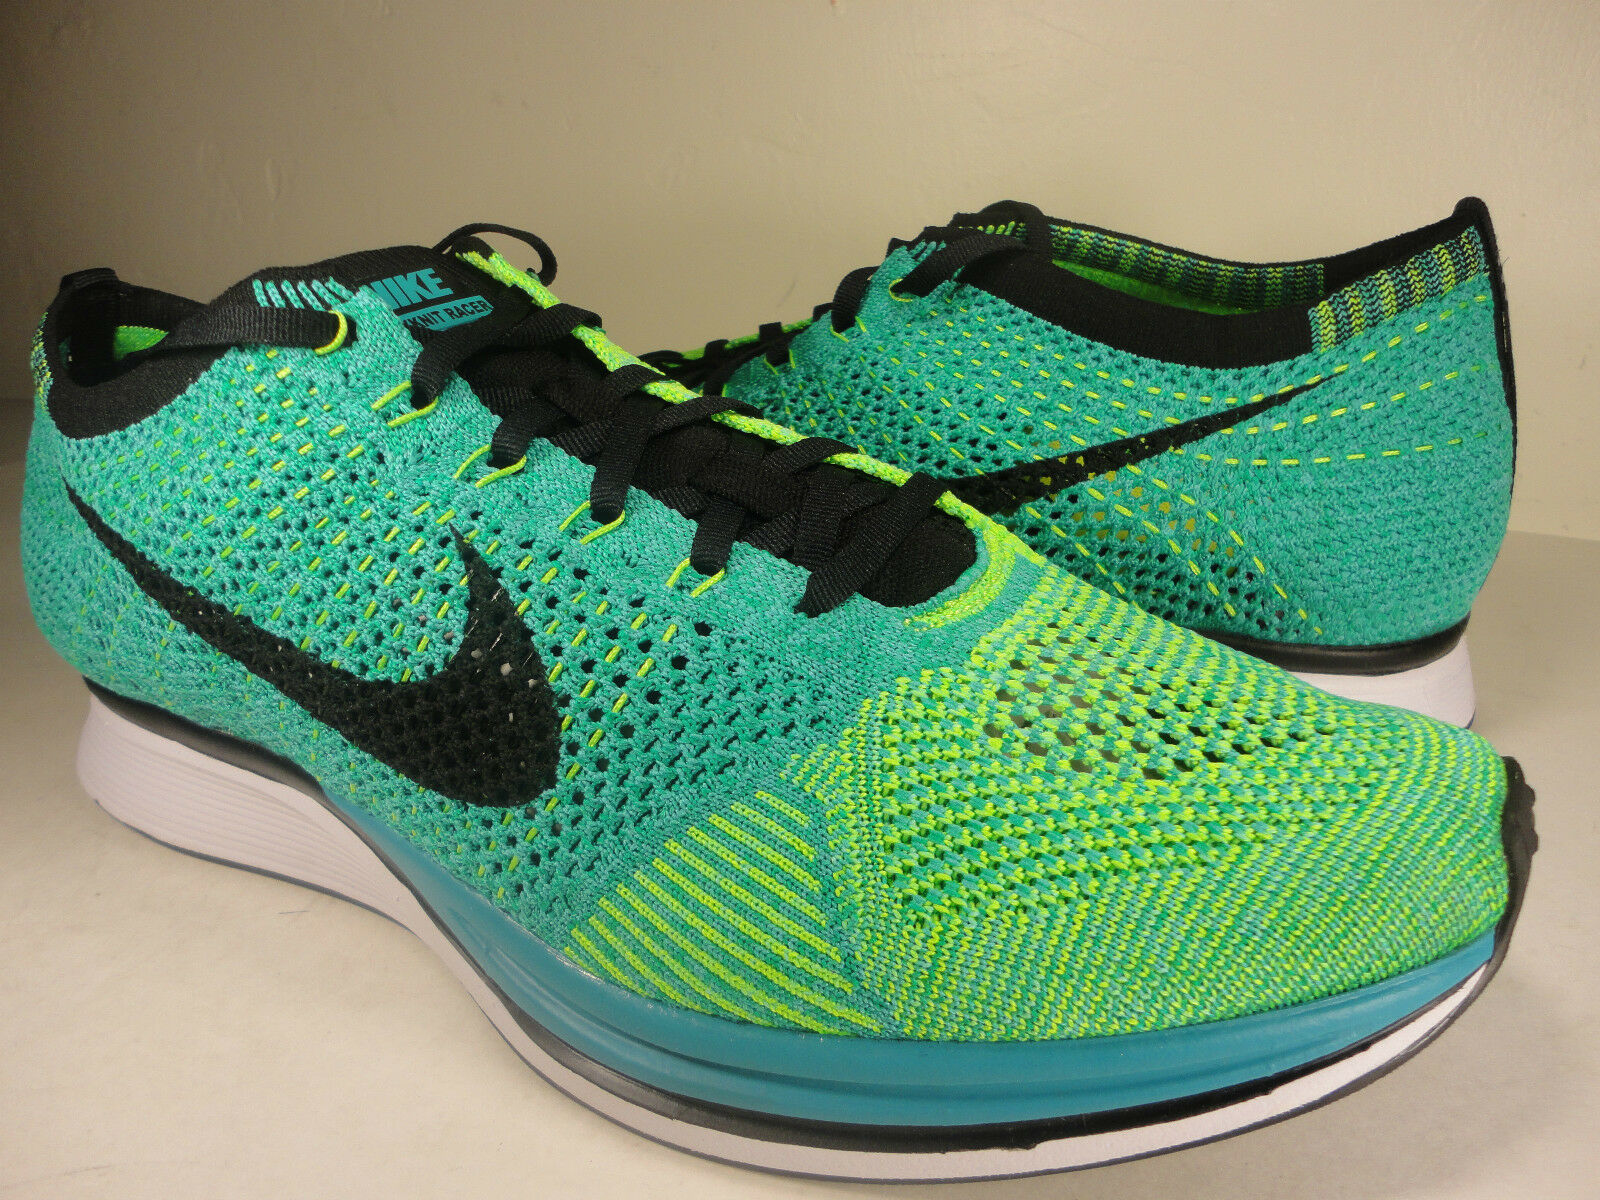 Nike lebron james xiii 13 pentola d'oro, l'oro nero, viola 807219-007 dimensioni